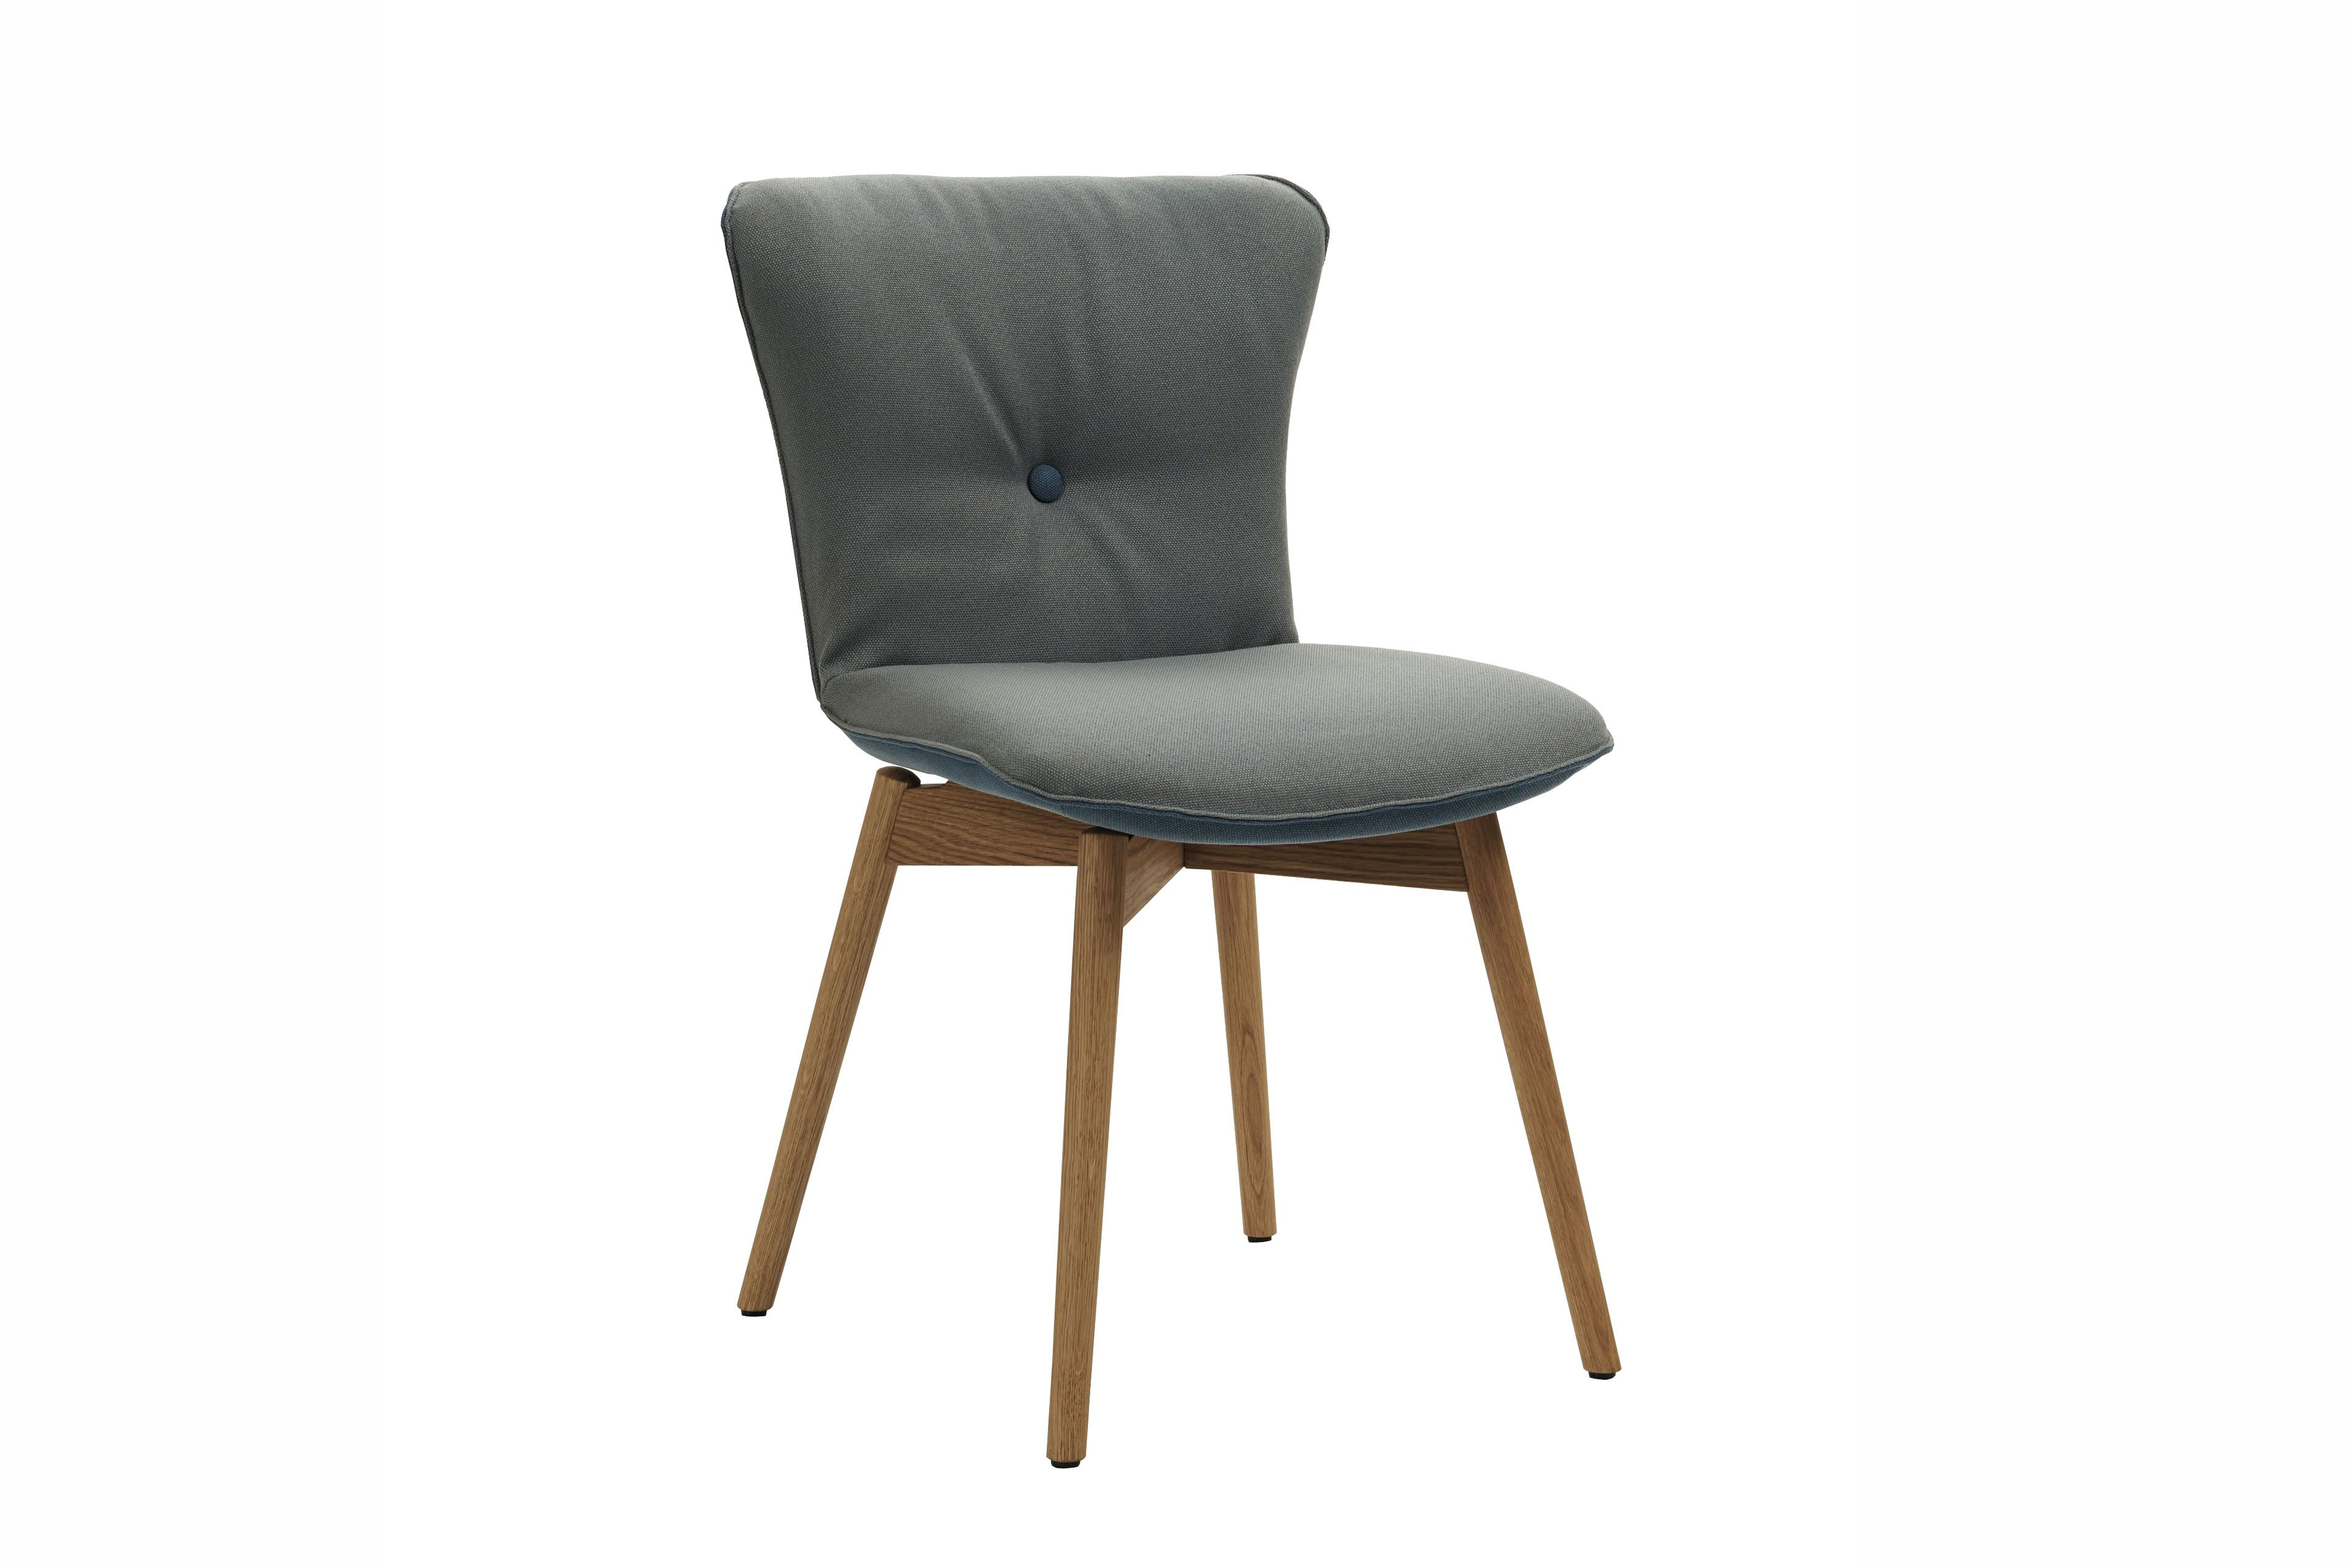 Skandinavischer Stuhl skandinavischer stuhl tjegge wildeiche bianco/ grau-blau | möbel